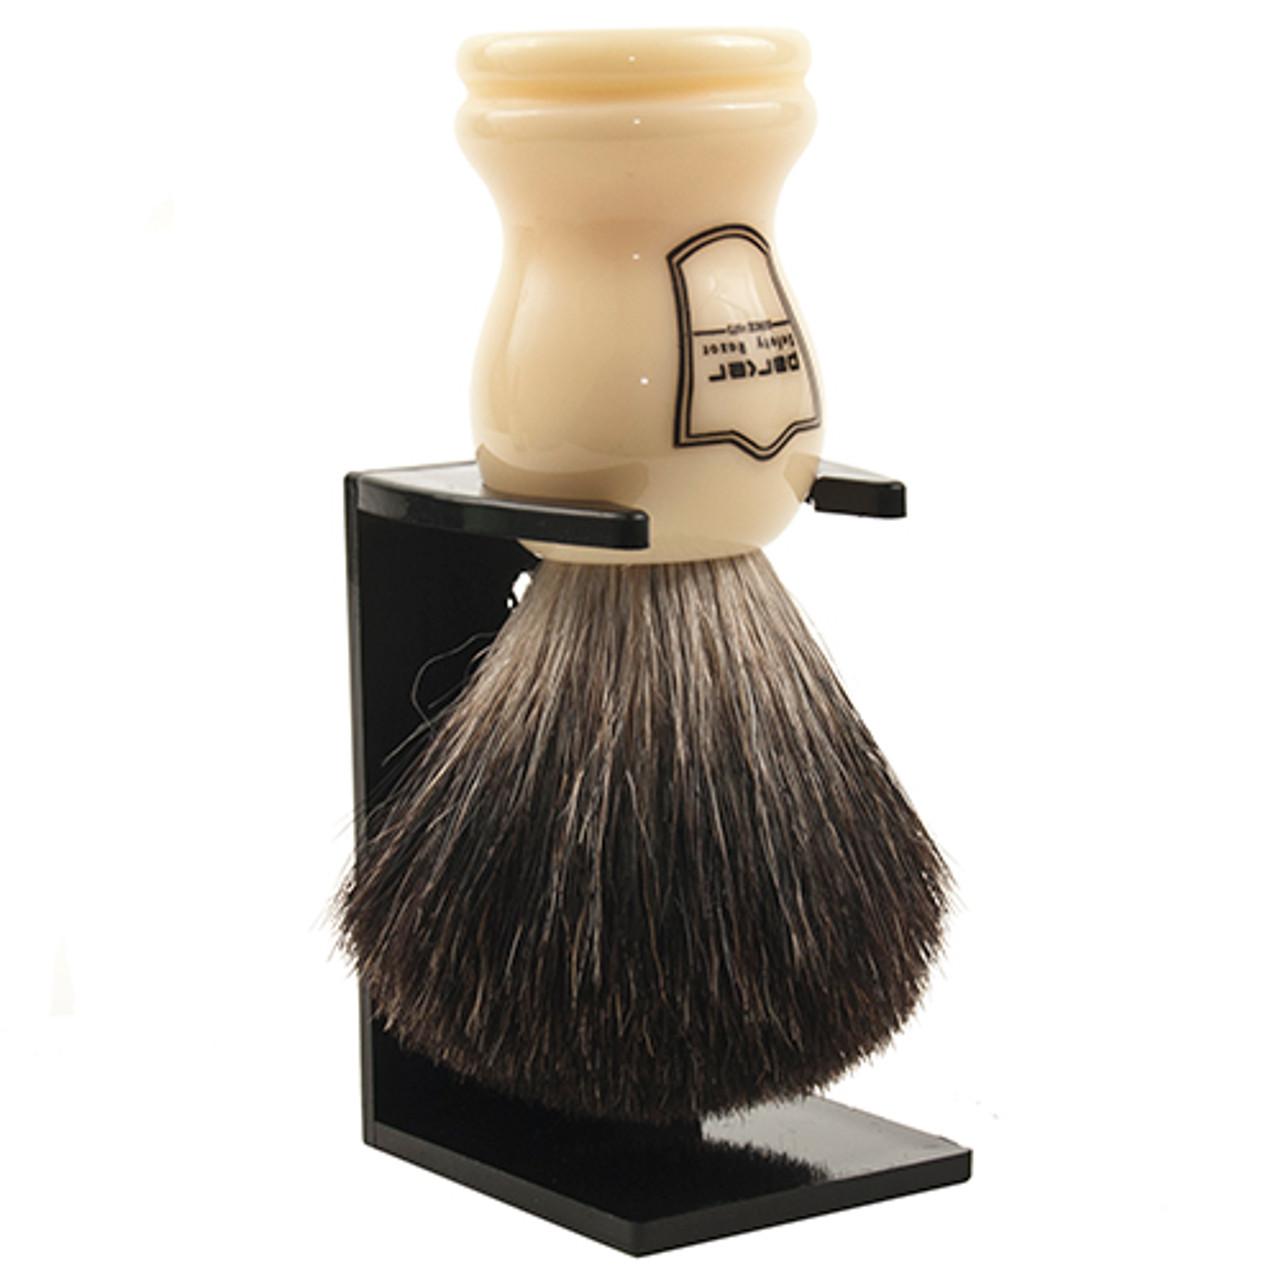 Parker White / Black Badger Brush